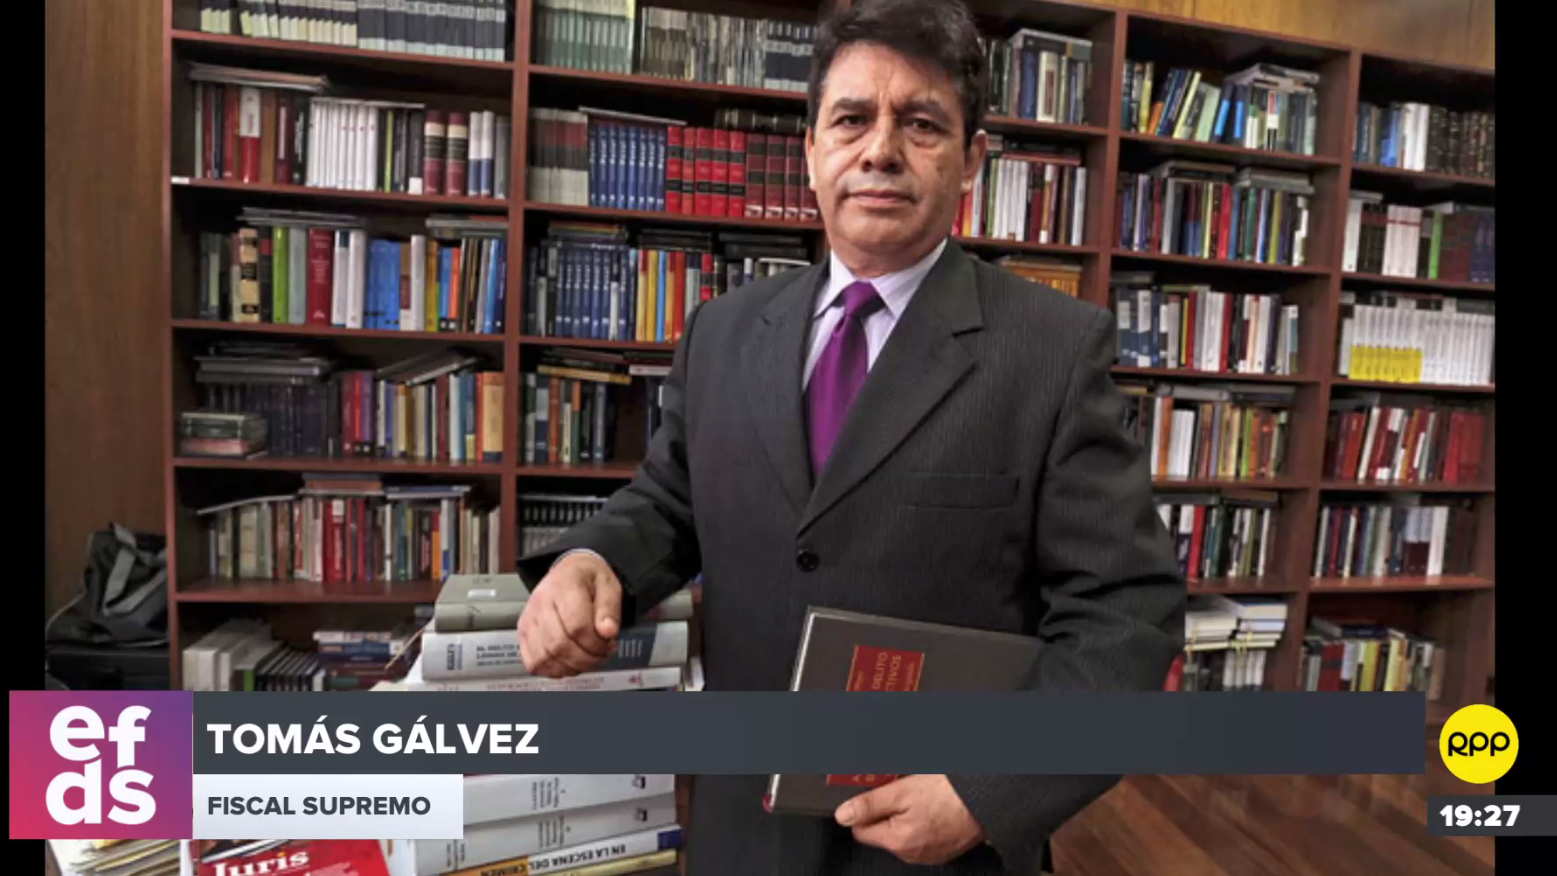 Fiscal Supremo Tomás Gálvez indicó que la juramentación de Chávarry como fiscal de la Nación no fue irregular.